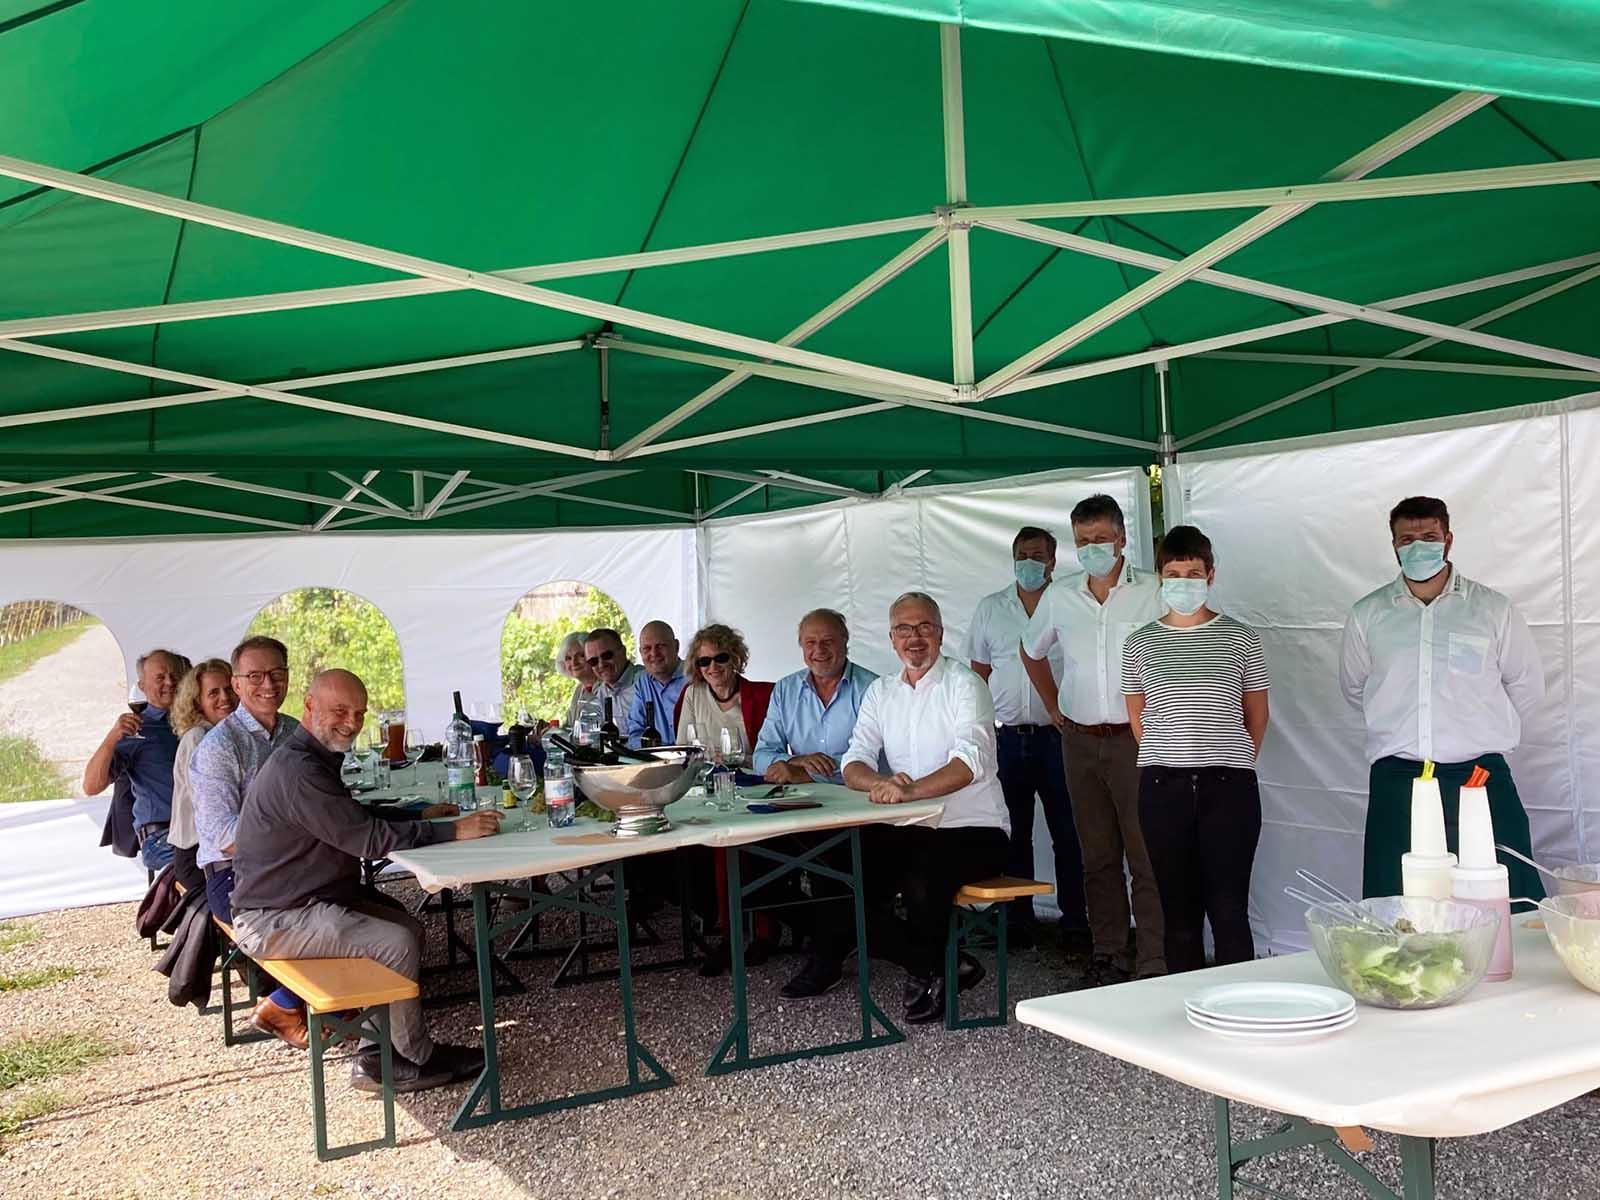 Der Stadtrat trifft sich einmal im Jahr in Höngg beim Rebberg des städtischen Landwirtschaftsbetriebs Juchhof. Rechts im Bild die Stadtwinzerin und Vertreter von Grün Stadt Zürich.